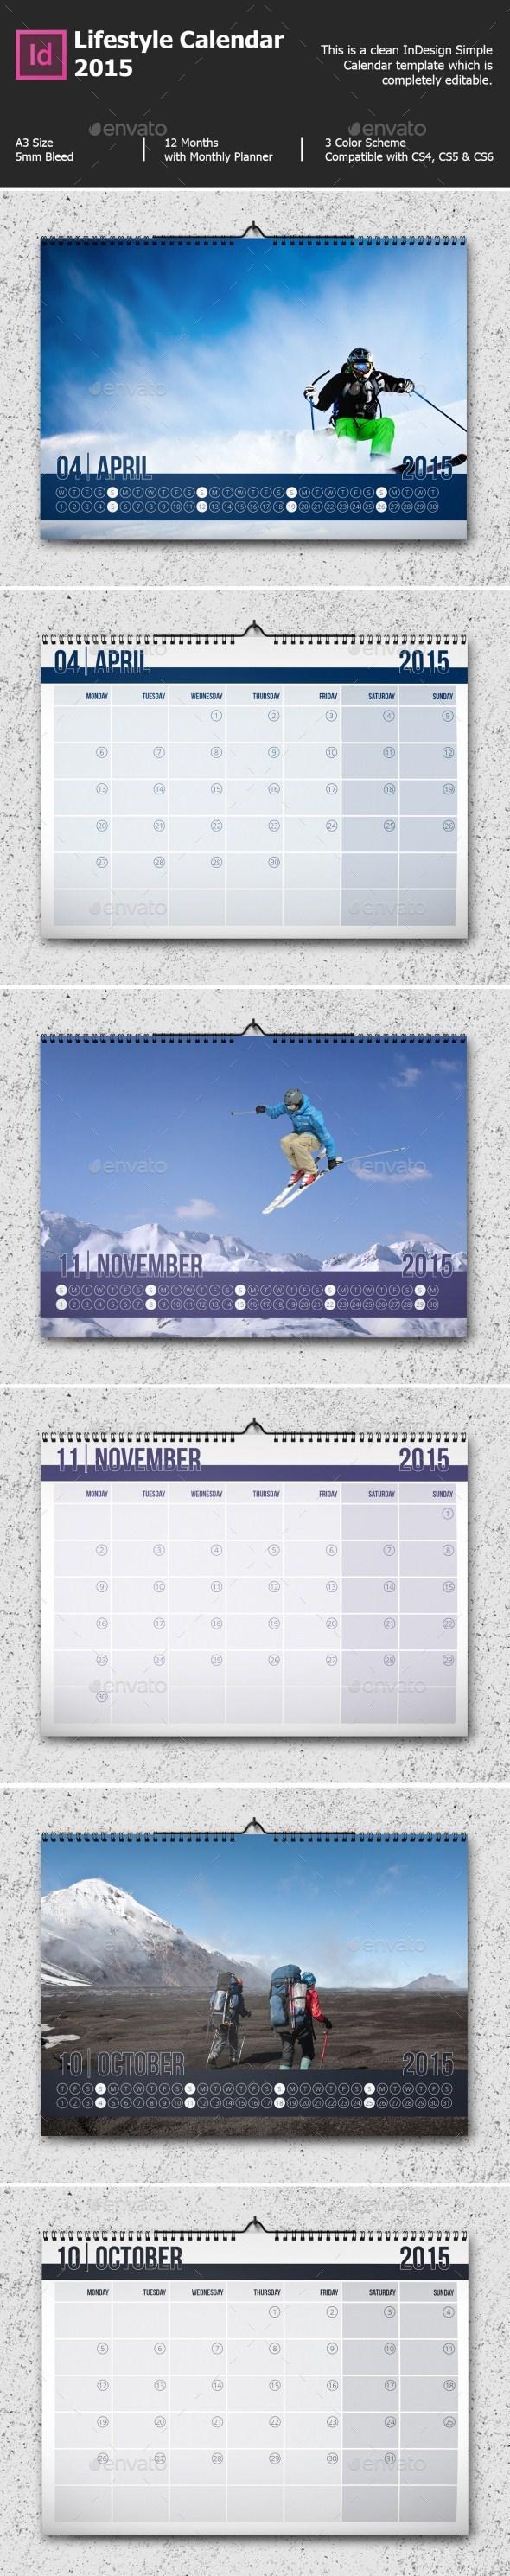 GraphicRiver Lifestyle Calendar 2015 9456182